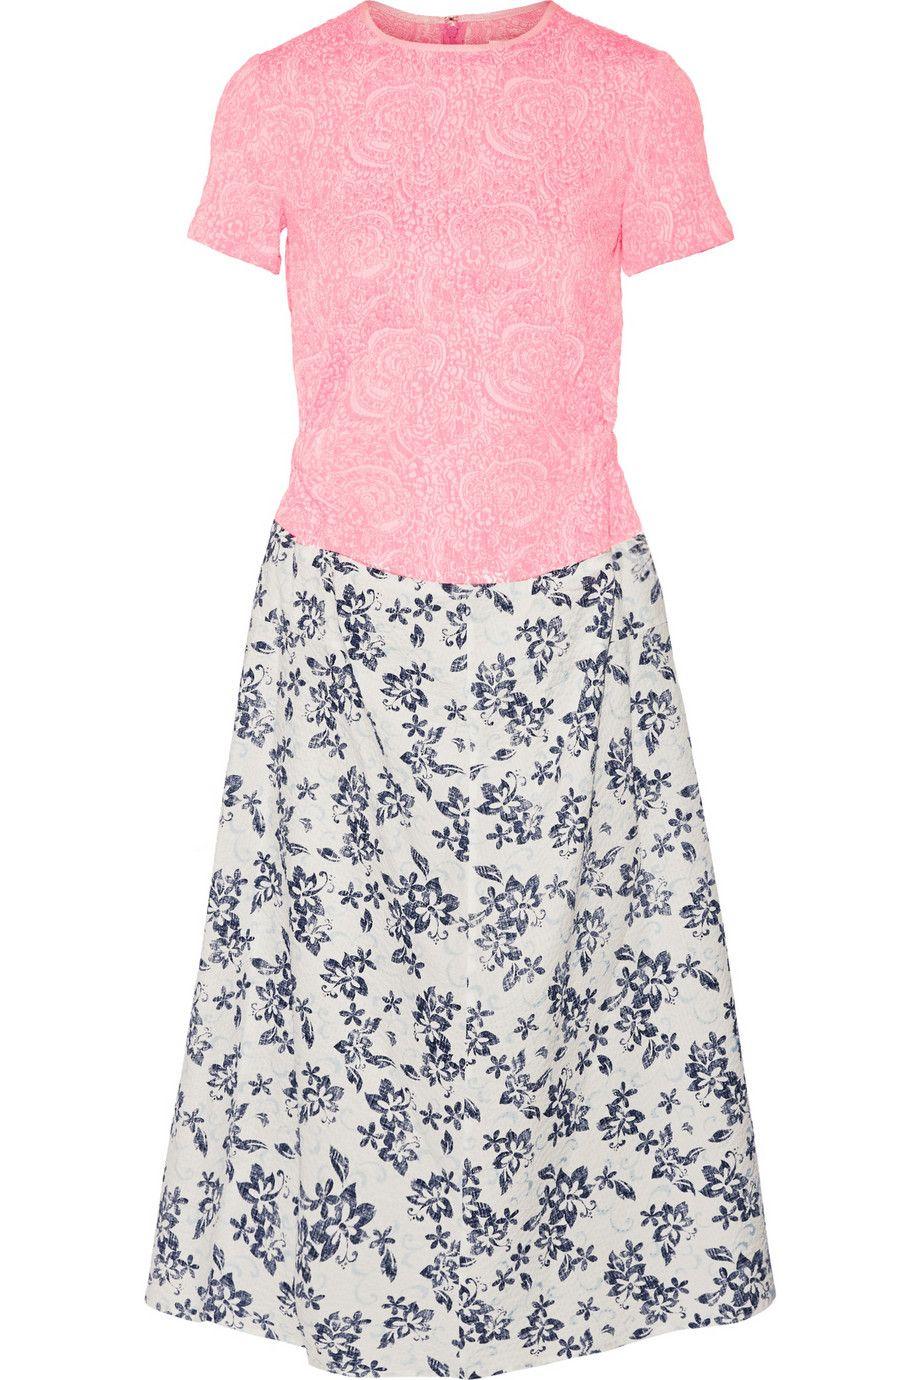 """Julien David Jacquard and Printed Seersucker Cotton Dress, $1,240; <a target=""""_blank"""" href=""""http://www.net-a-porter.com/us/en/product/513800"""">net-a-porter.com</a>"""